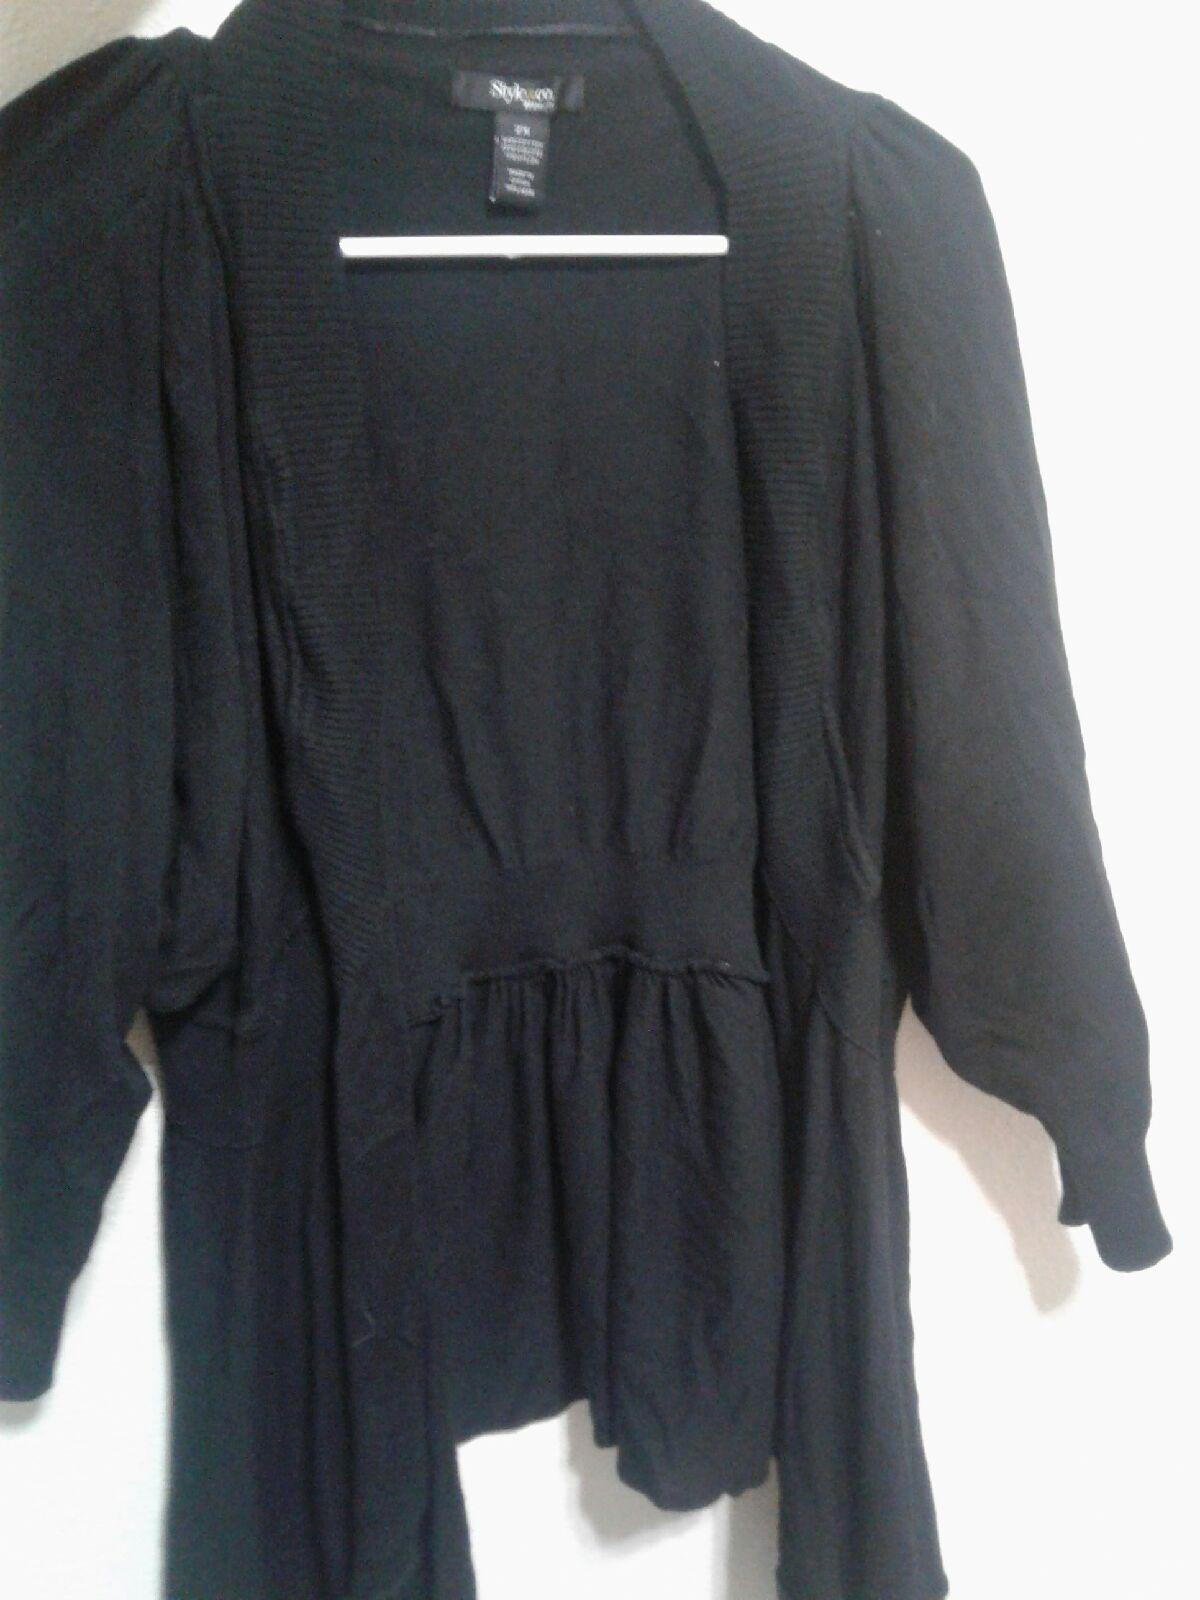 Black cardigan - Mercari: BUY & SELL THINGS YOU LOVE